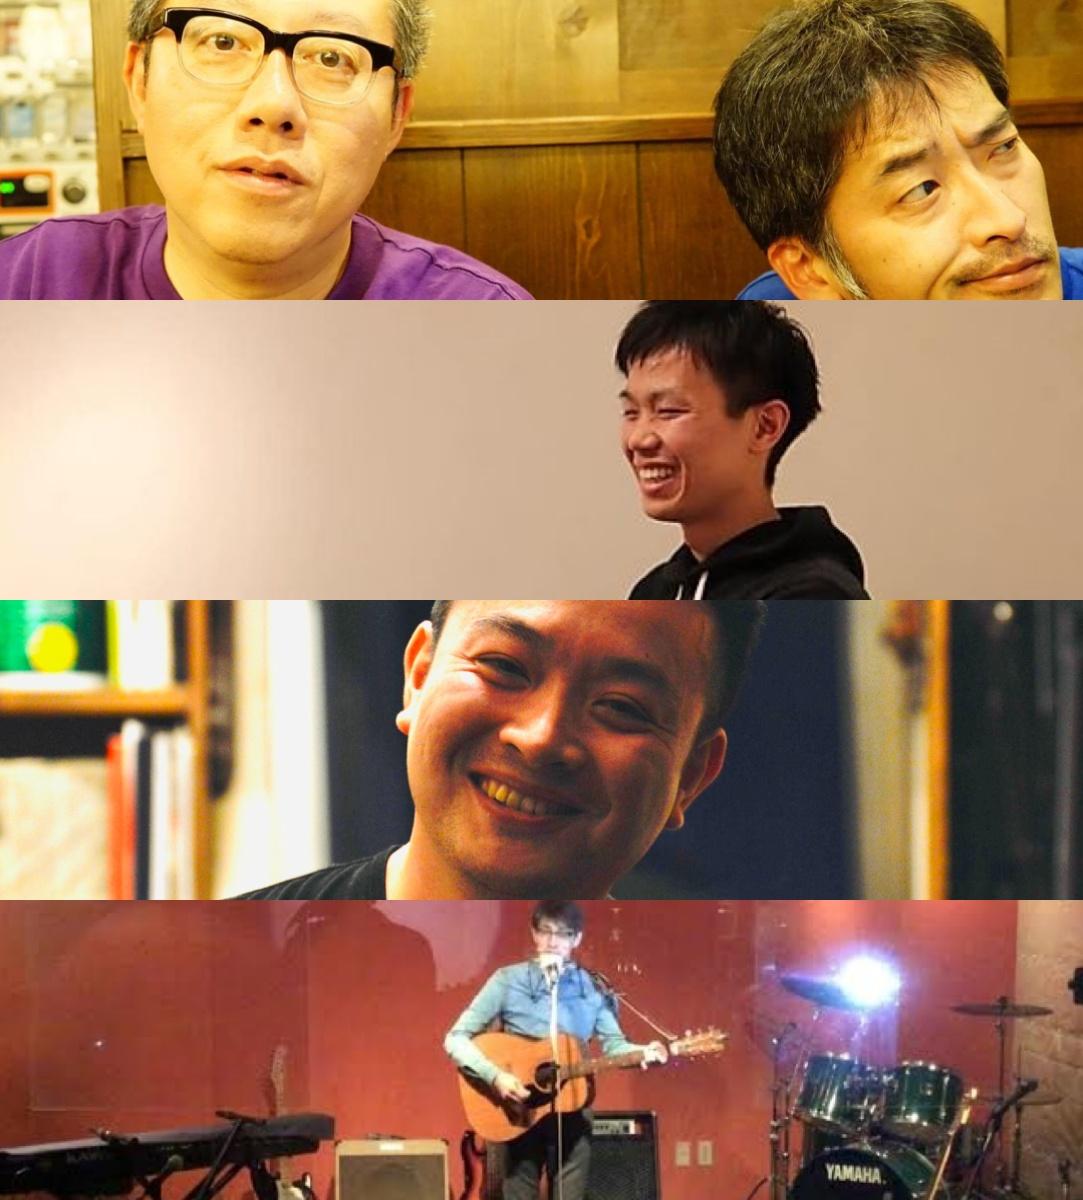 [無観客配信]『僕たちの歌がこのメトロポリタンで風になる時』出演:でたん / 矢田晃一 / うたジロウ / アルペジオ杉山